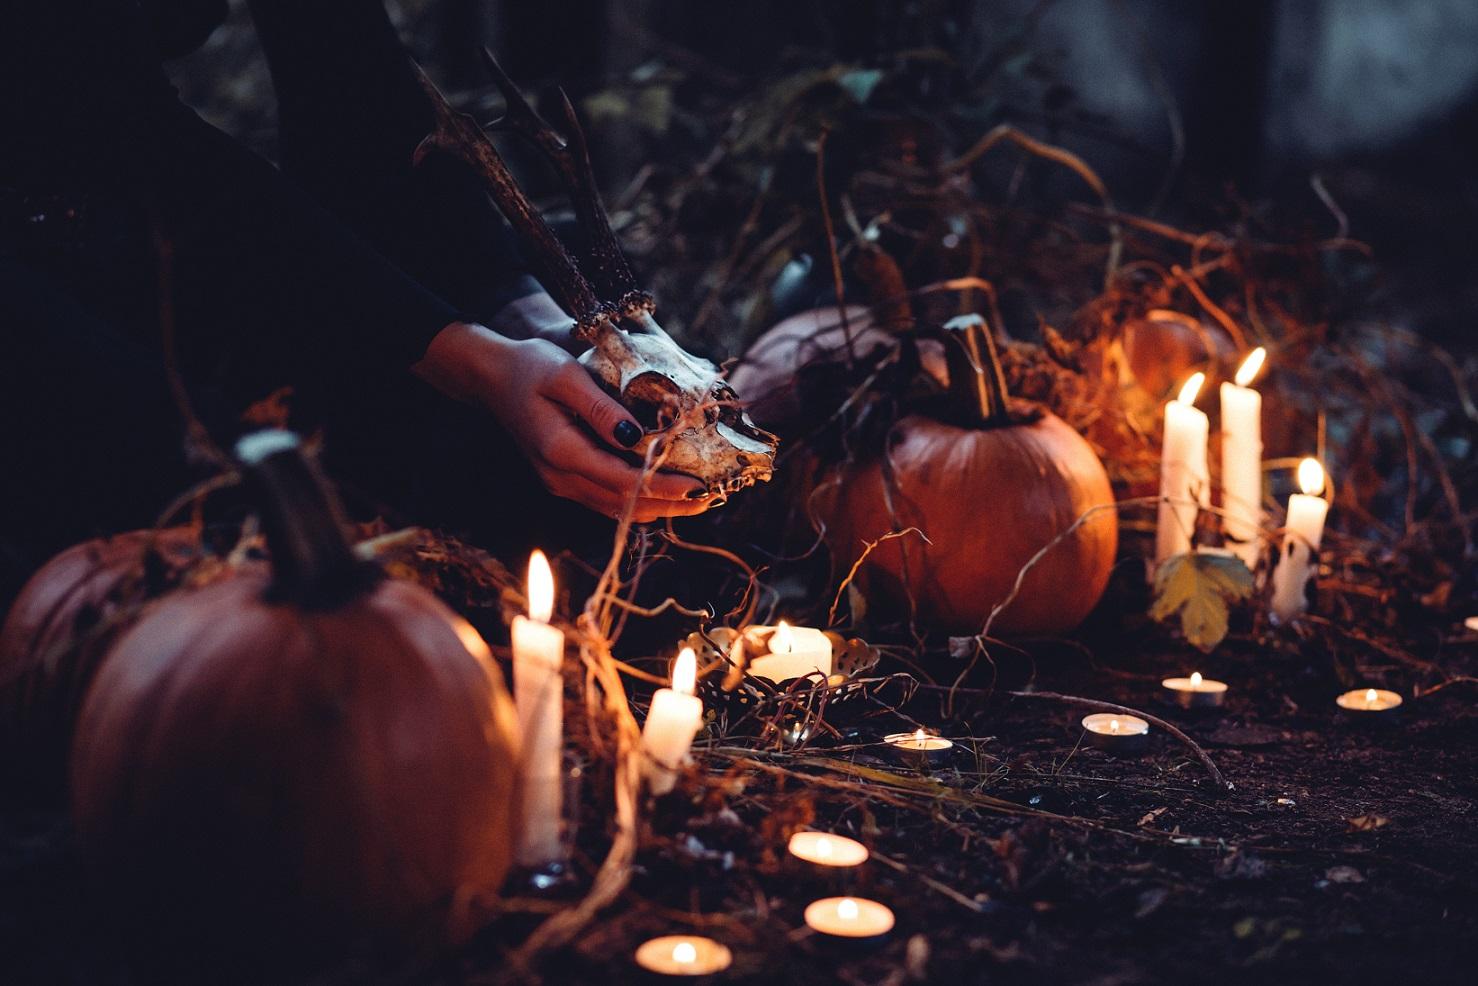 Festliches Konzert – Hexen, Zauber, Aberglaube